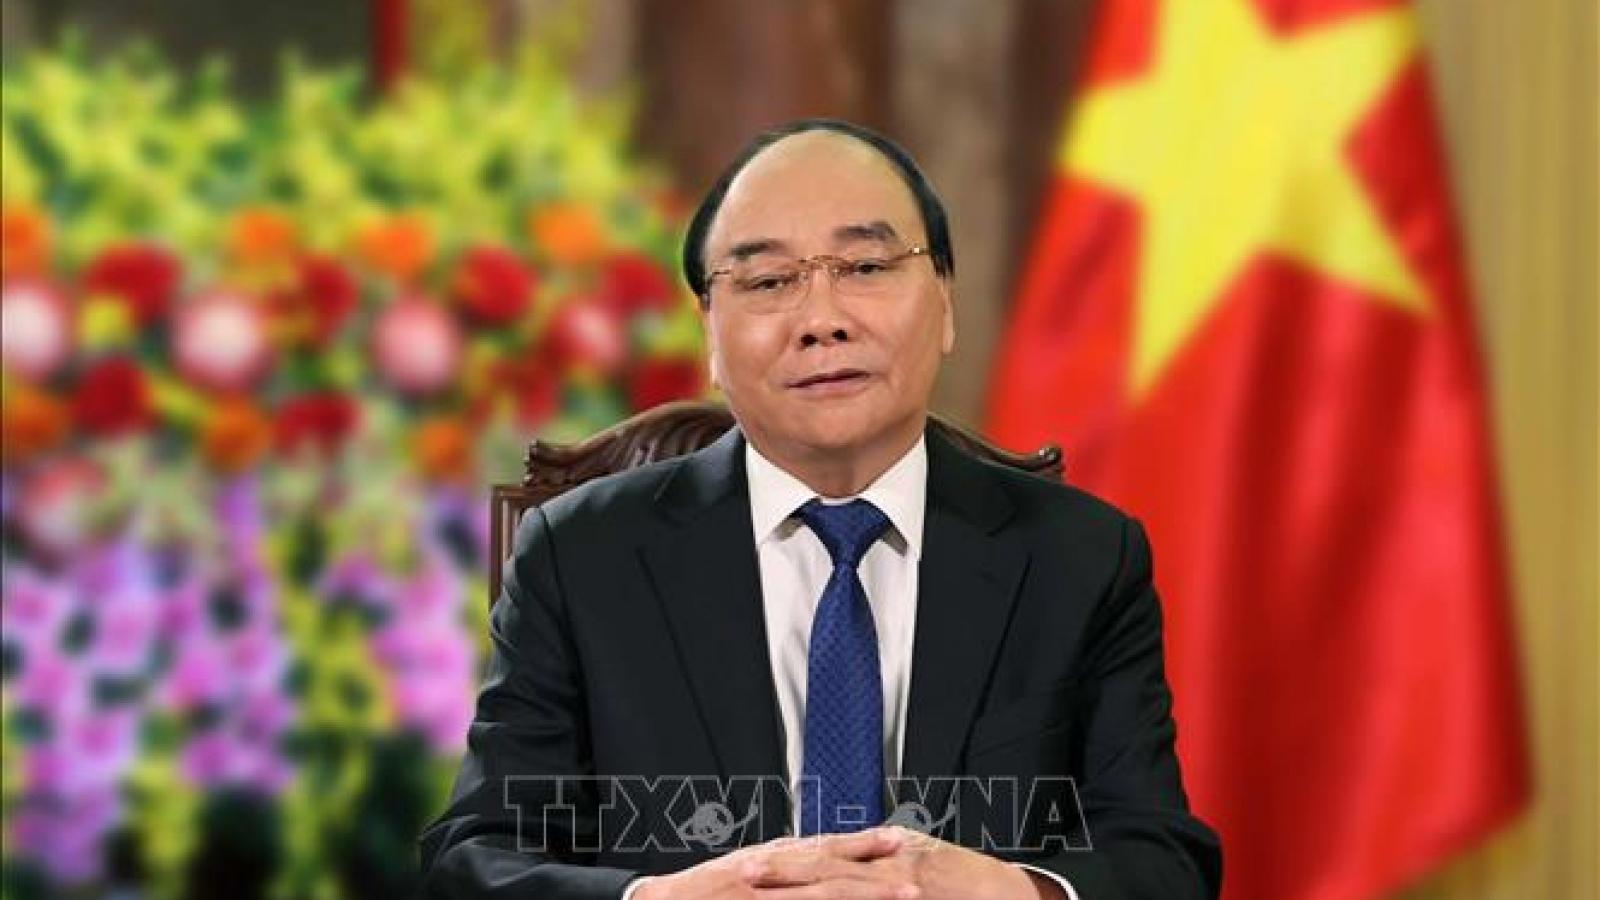 Chủ tịch nước: Trong dịch bệnh cần chăm lo nhiều hơn đối với nạn nhân da cam/dioxin